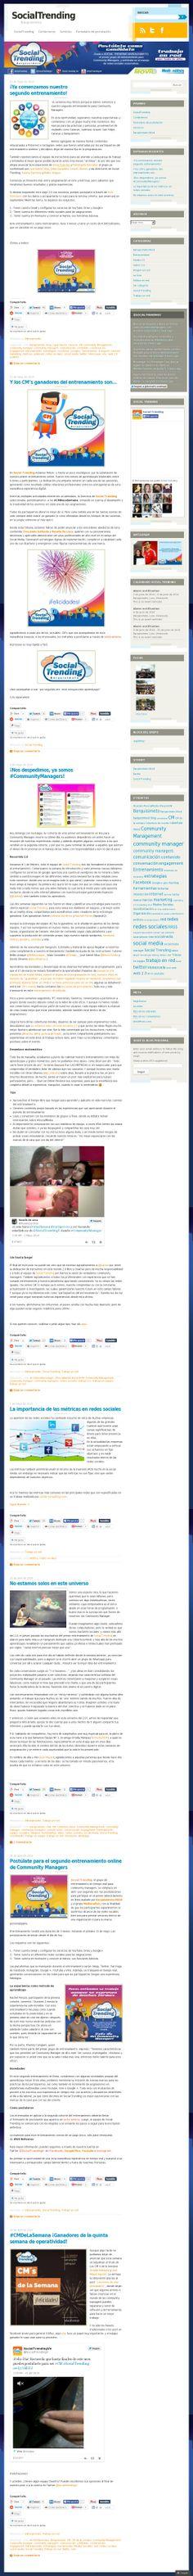 No te pierdas nada de nuestro #Entrenamiento, faltan pocas semanas para que los participantes empiecen a crear contenido para nuestro blog 'socialtrending.com.ve'